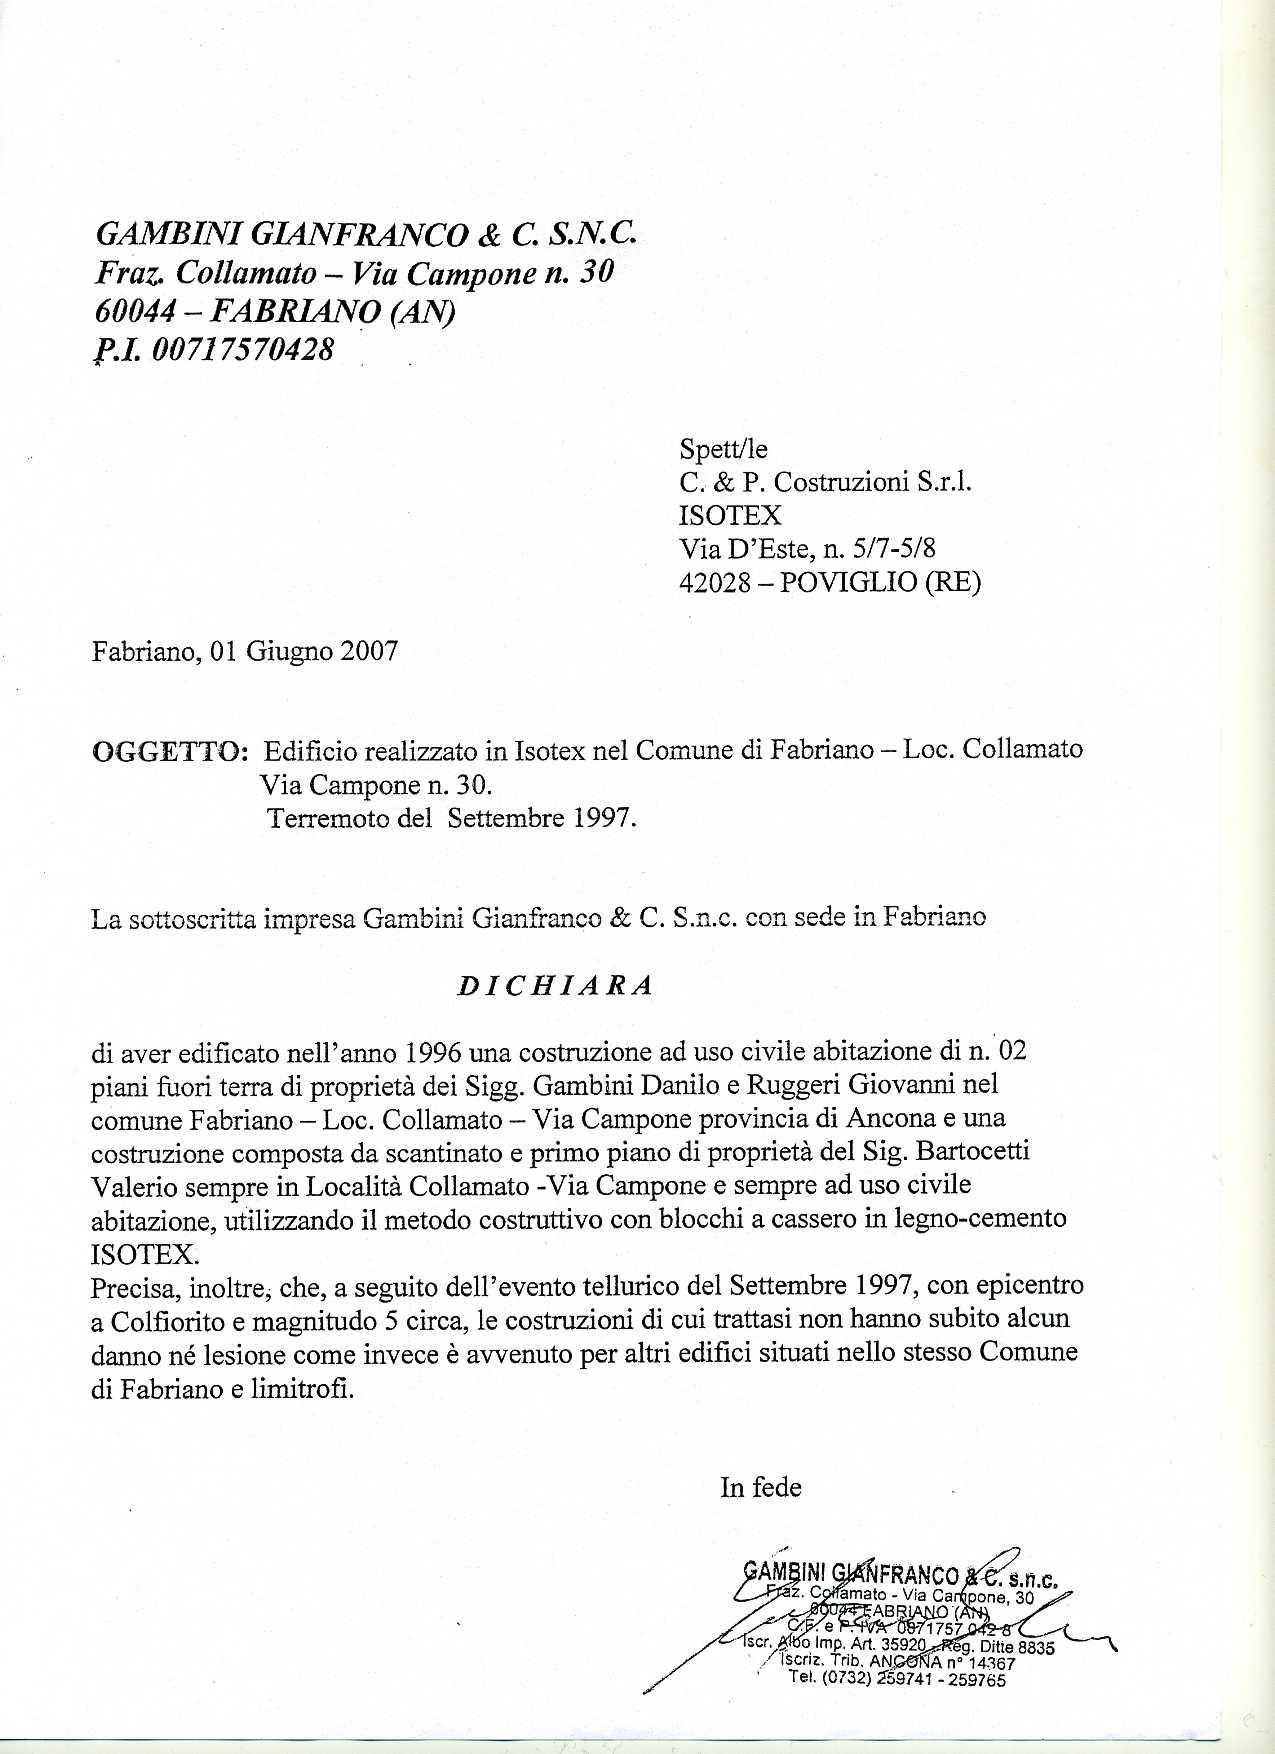 ``La sottoscritta impresa Gambini Gianfranco, dichiara che a seguito dell'evento tellurico del Settembre 1997, con epicentro a Colforito e magnitudo 5 circa, le costruzioni non hanno subito alcun danno né lesione.``